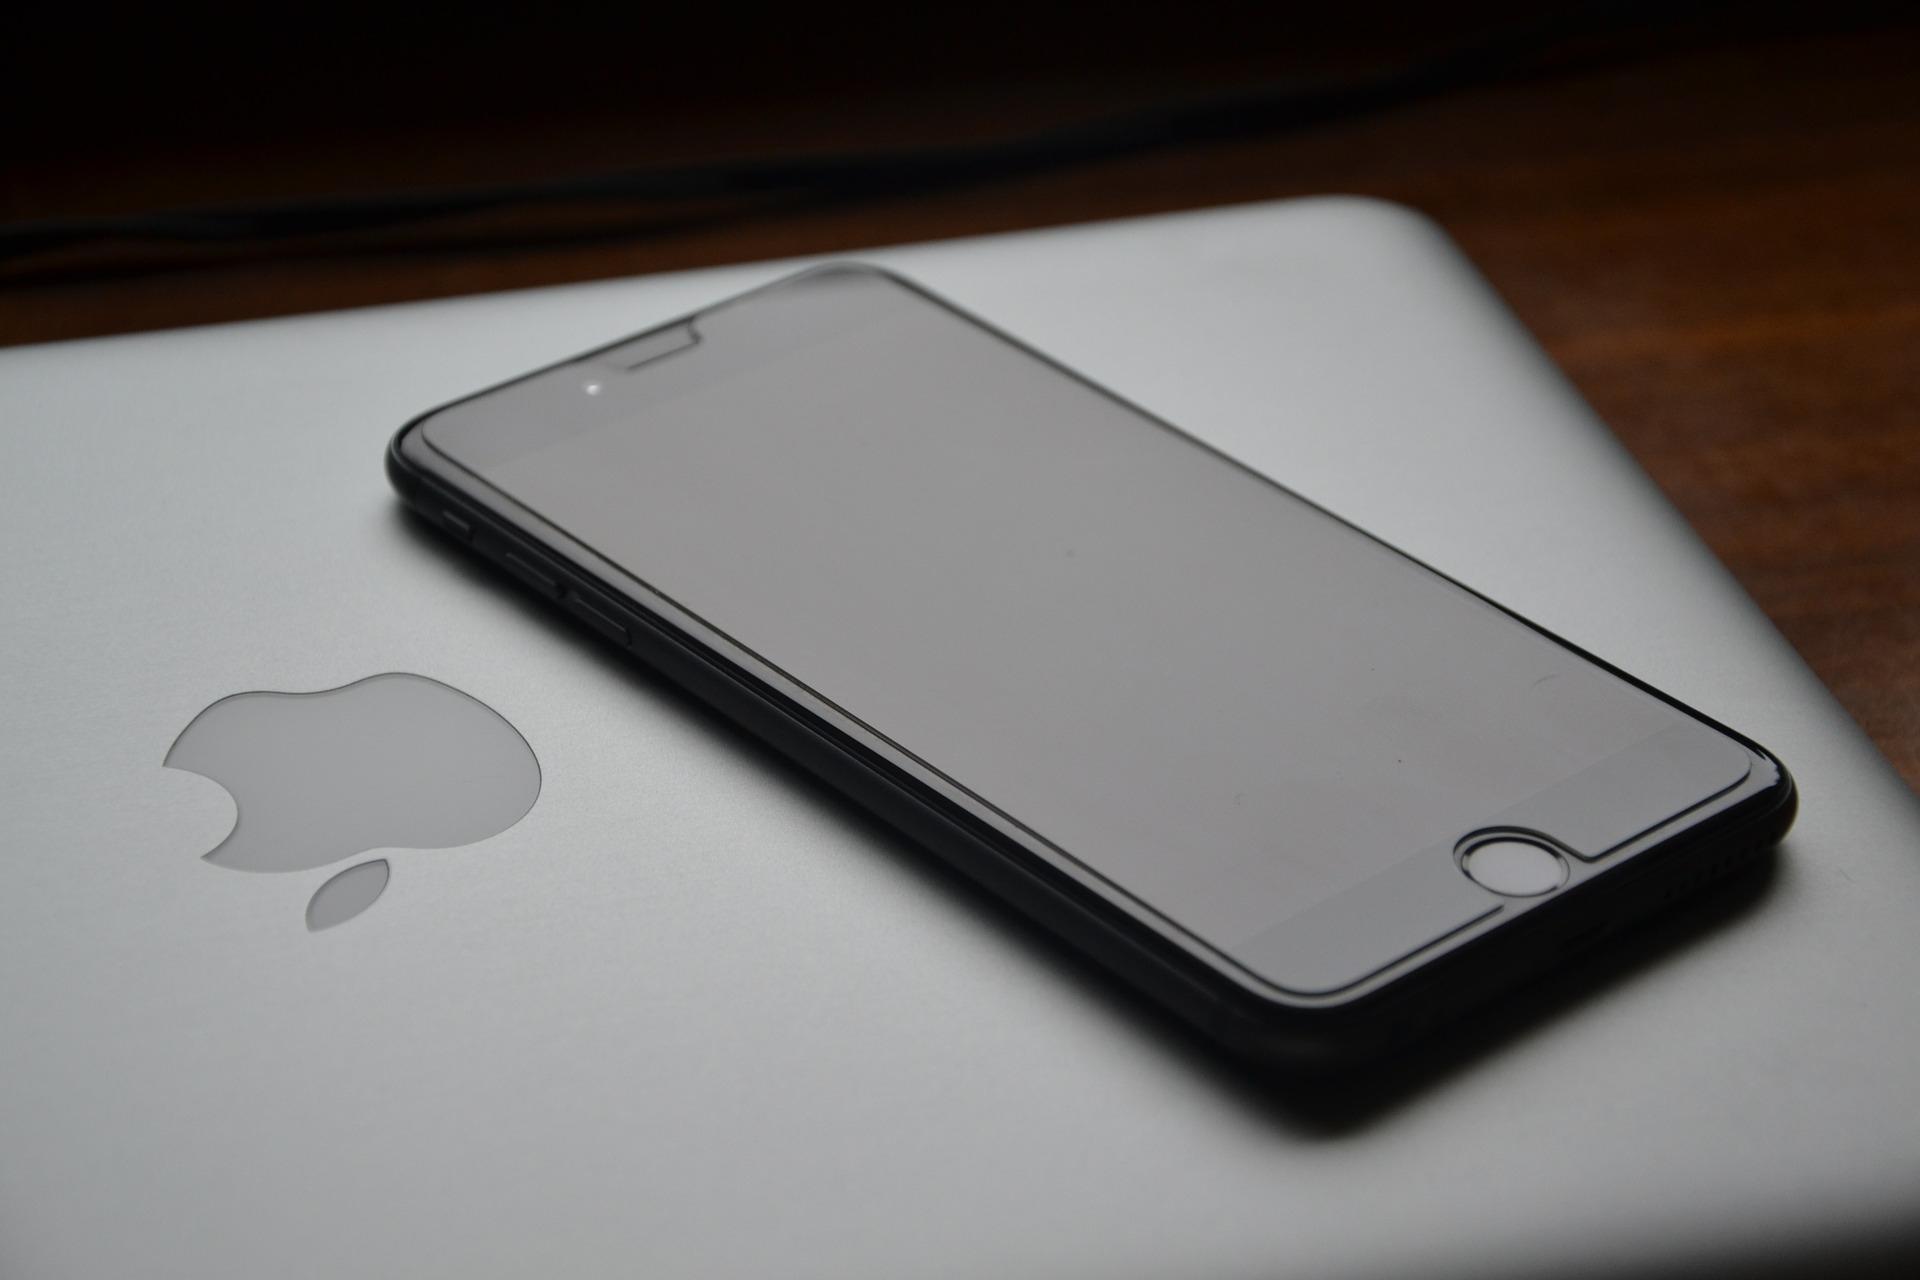 """苹果将在明年春推出新低价版iPhone 在华""""收复失地"""""""